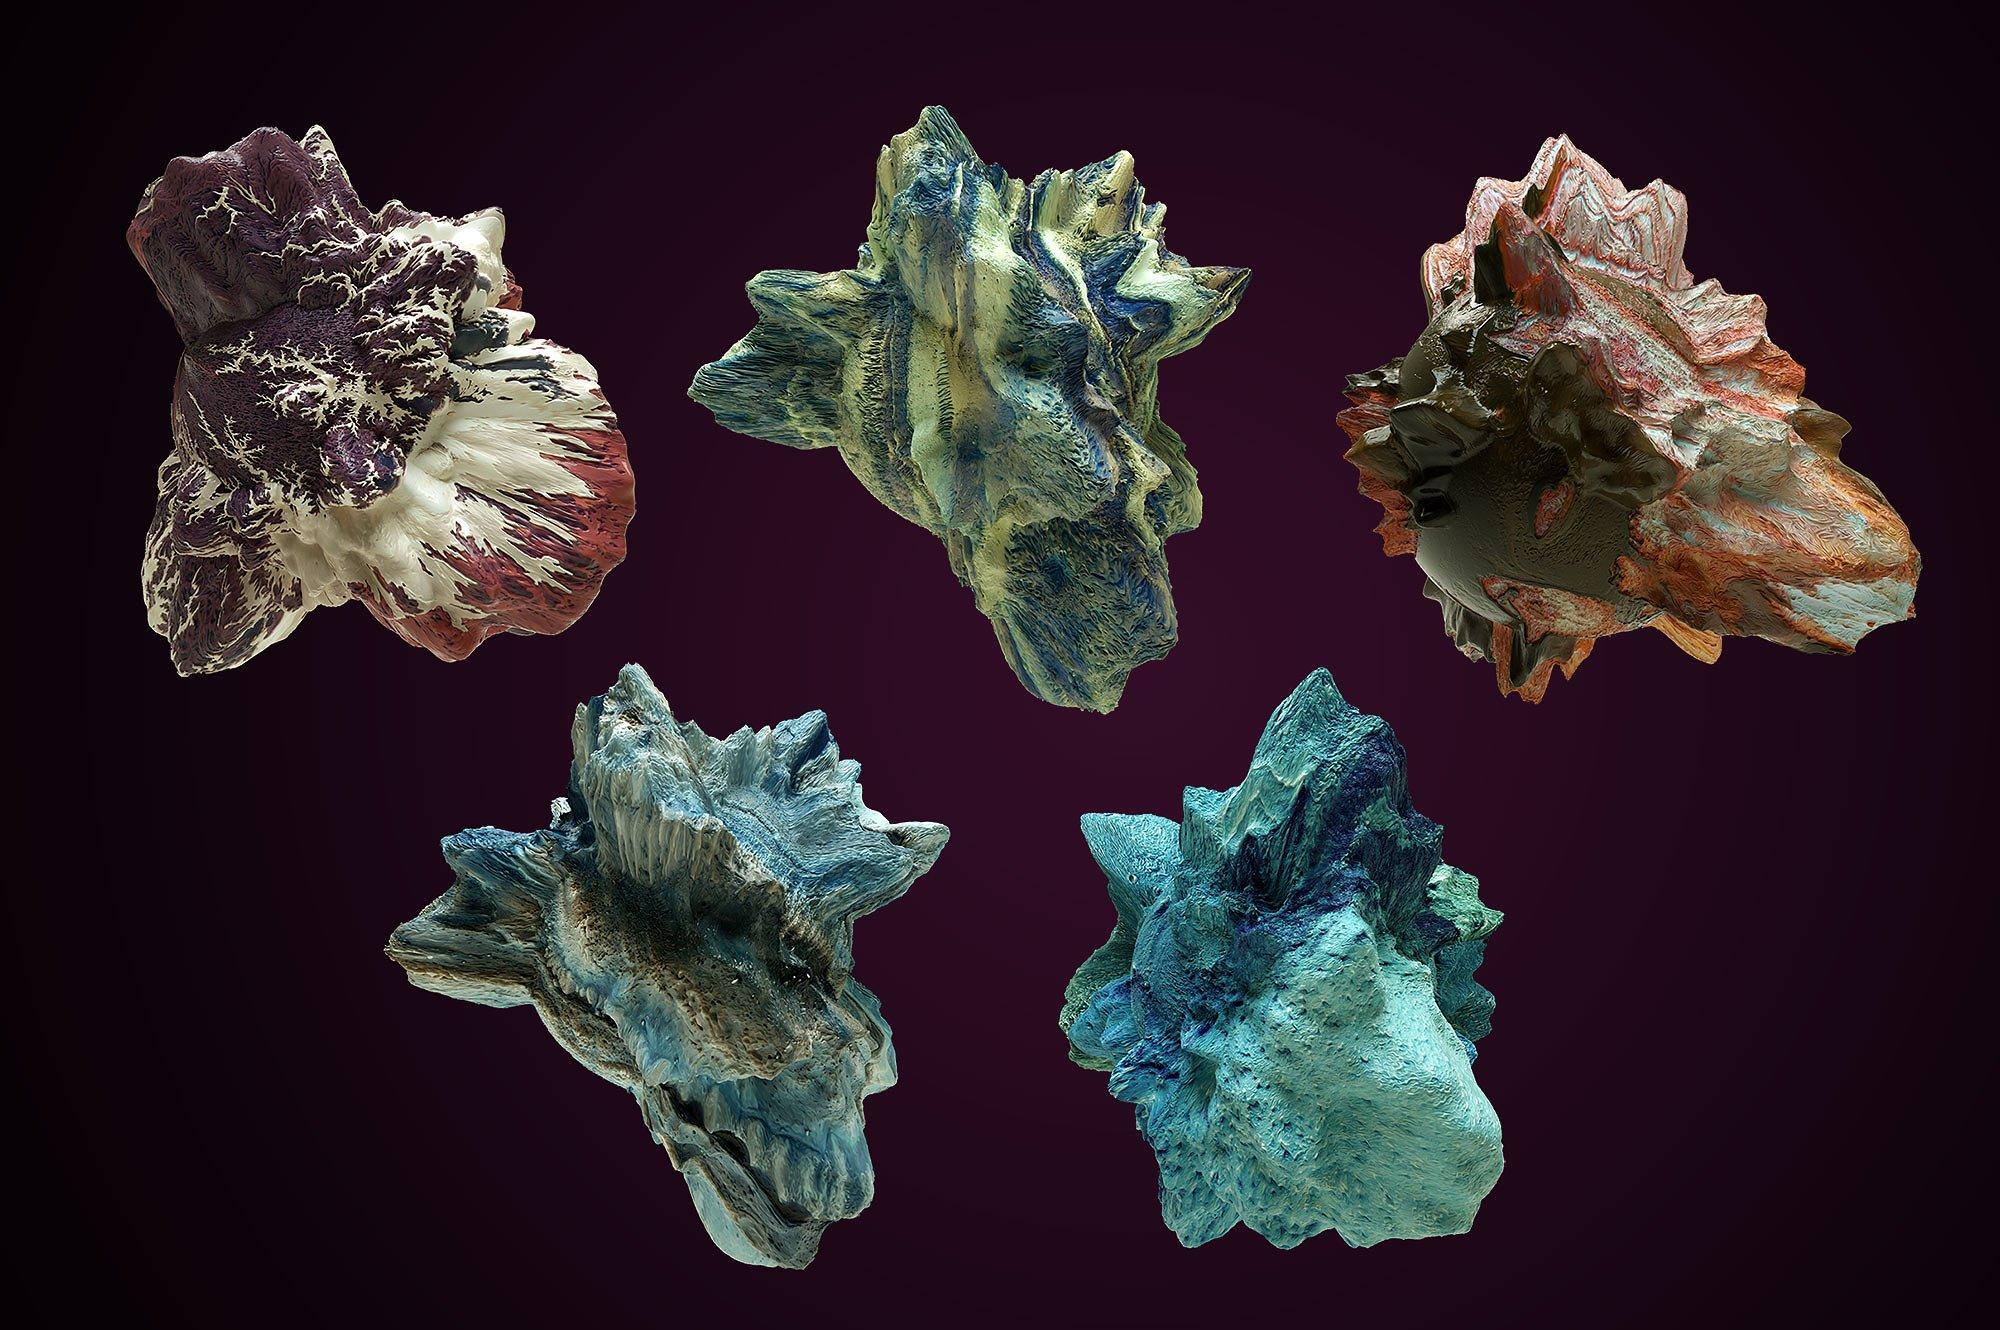 创意抽象纹理系列:10款混合油漆矿石有机图案3D纹理&PS笔刷 Tectonic (Exclusive)插图8